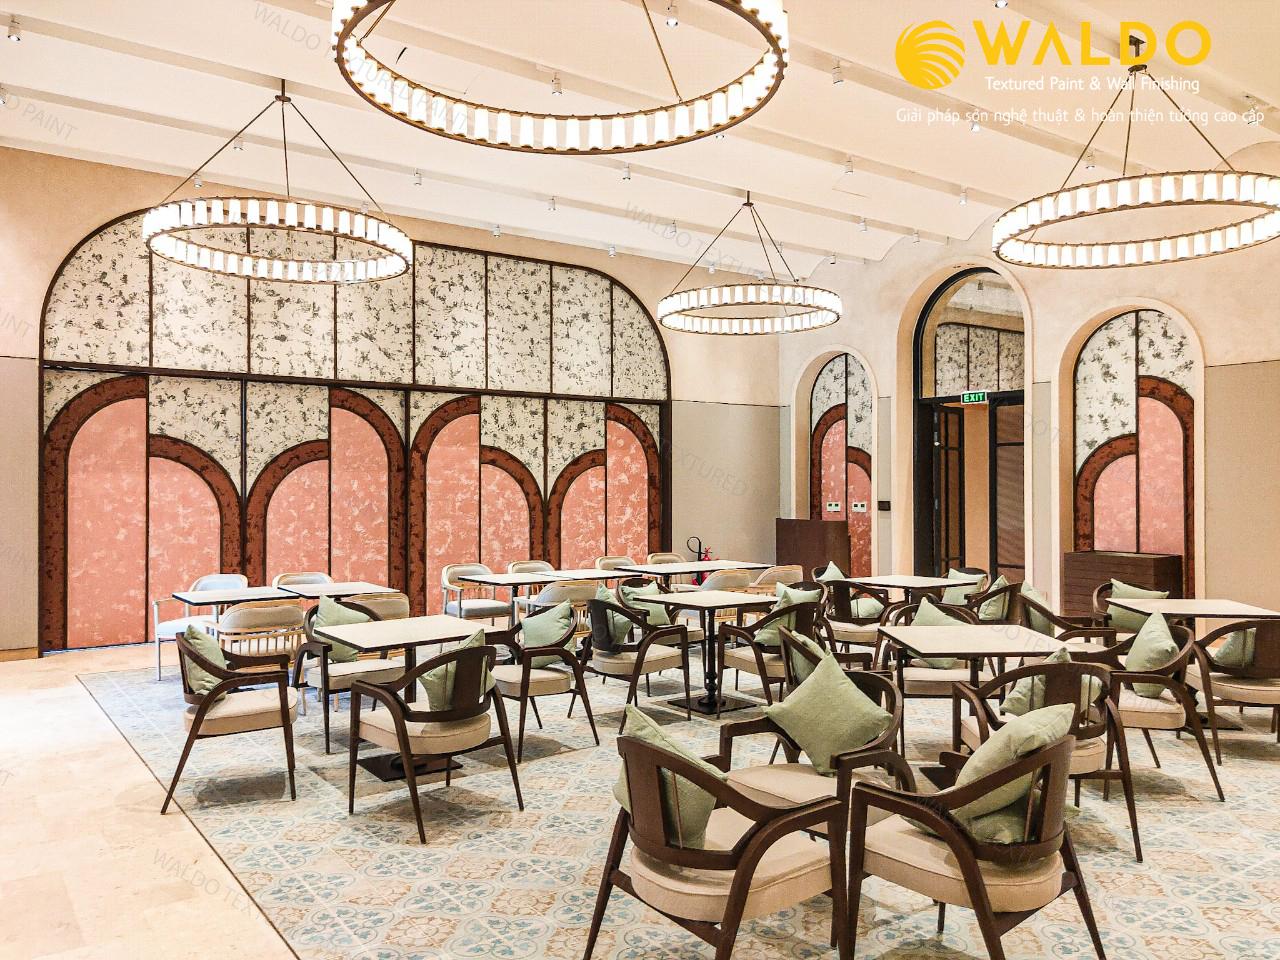 Sơn hiệu ứng Waldo-Sơn hiệu ứng nhũ nhung ngọc trai dành cho thiết kế khách sạn